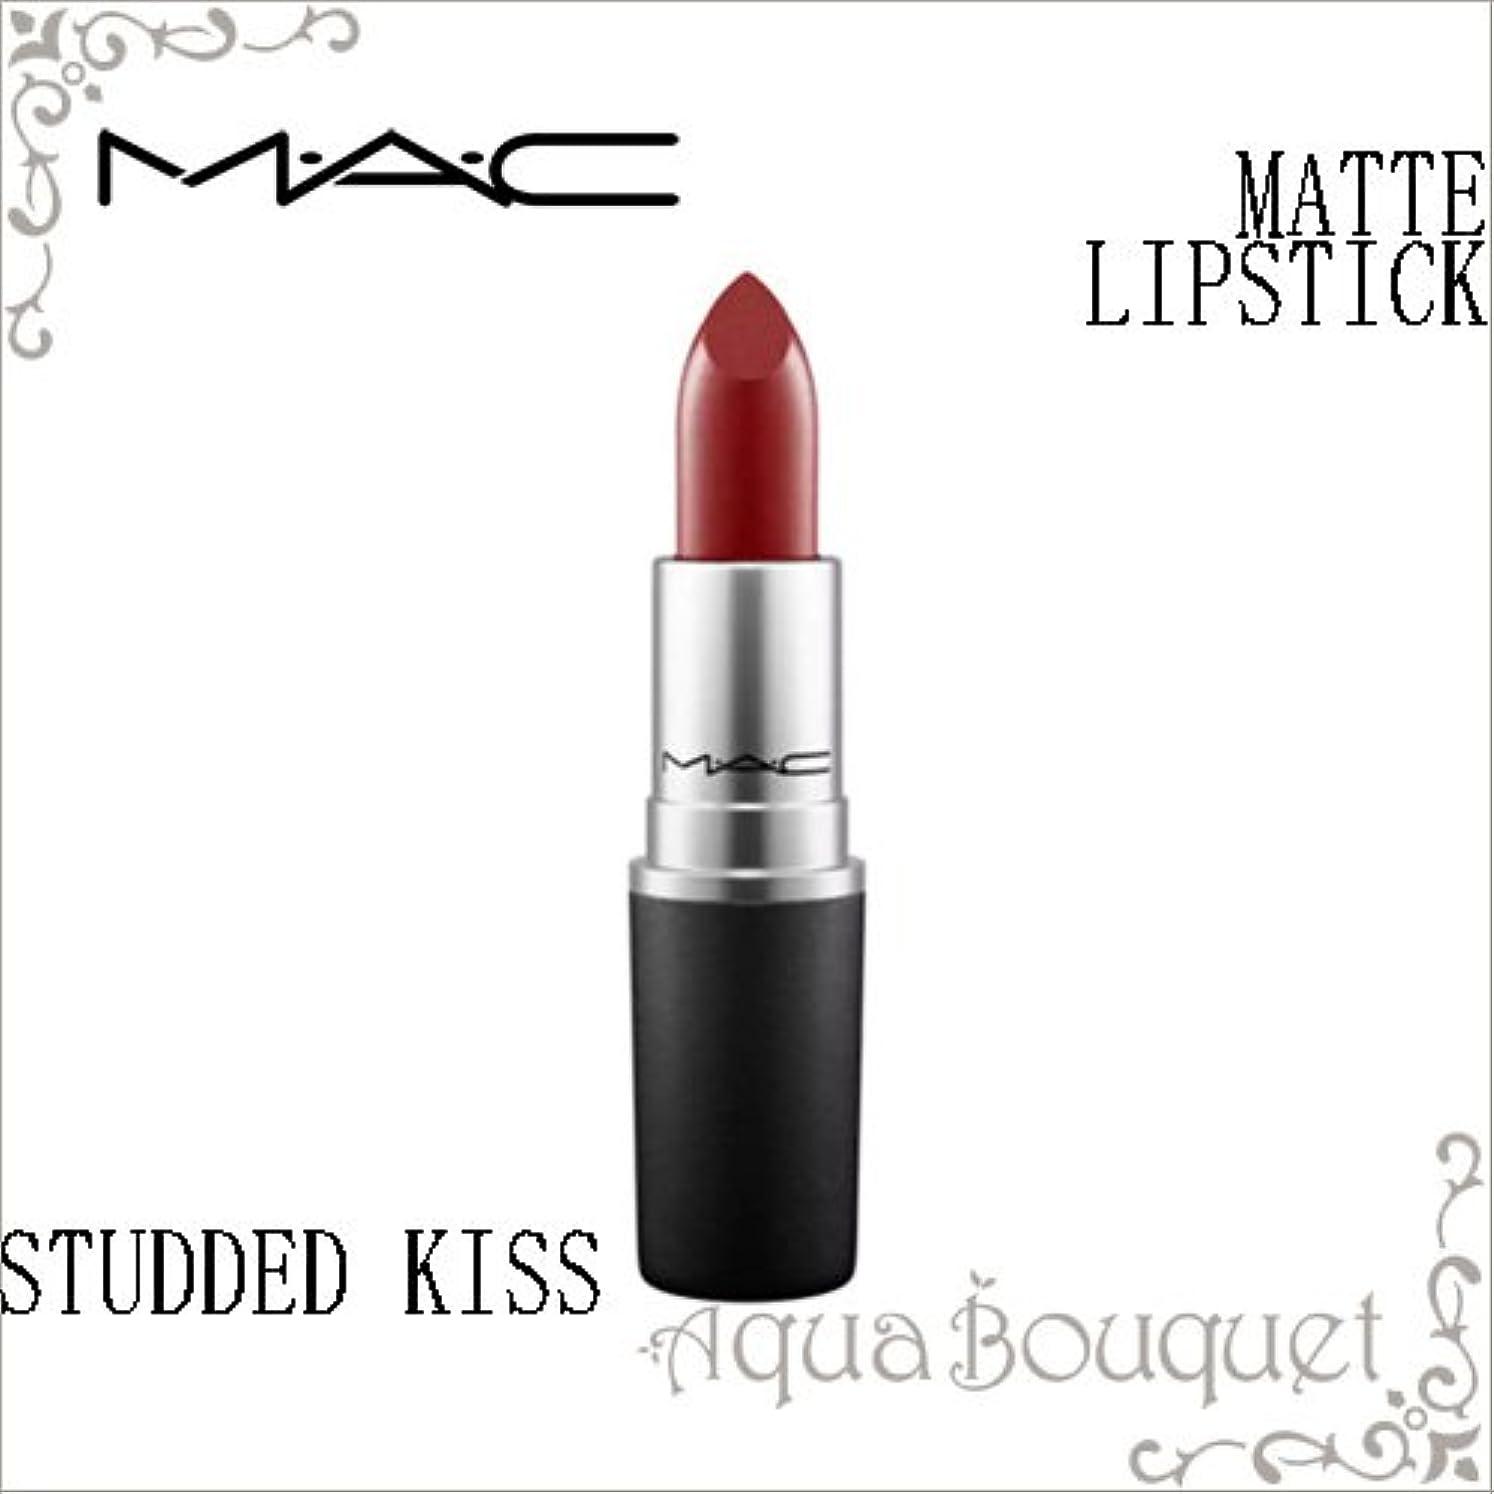 全能感覚洗剤マック(MAC) THE MATTE LIP リップスティックマット #スタディッド キス 3g [388325][並行輸入品]